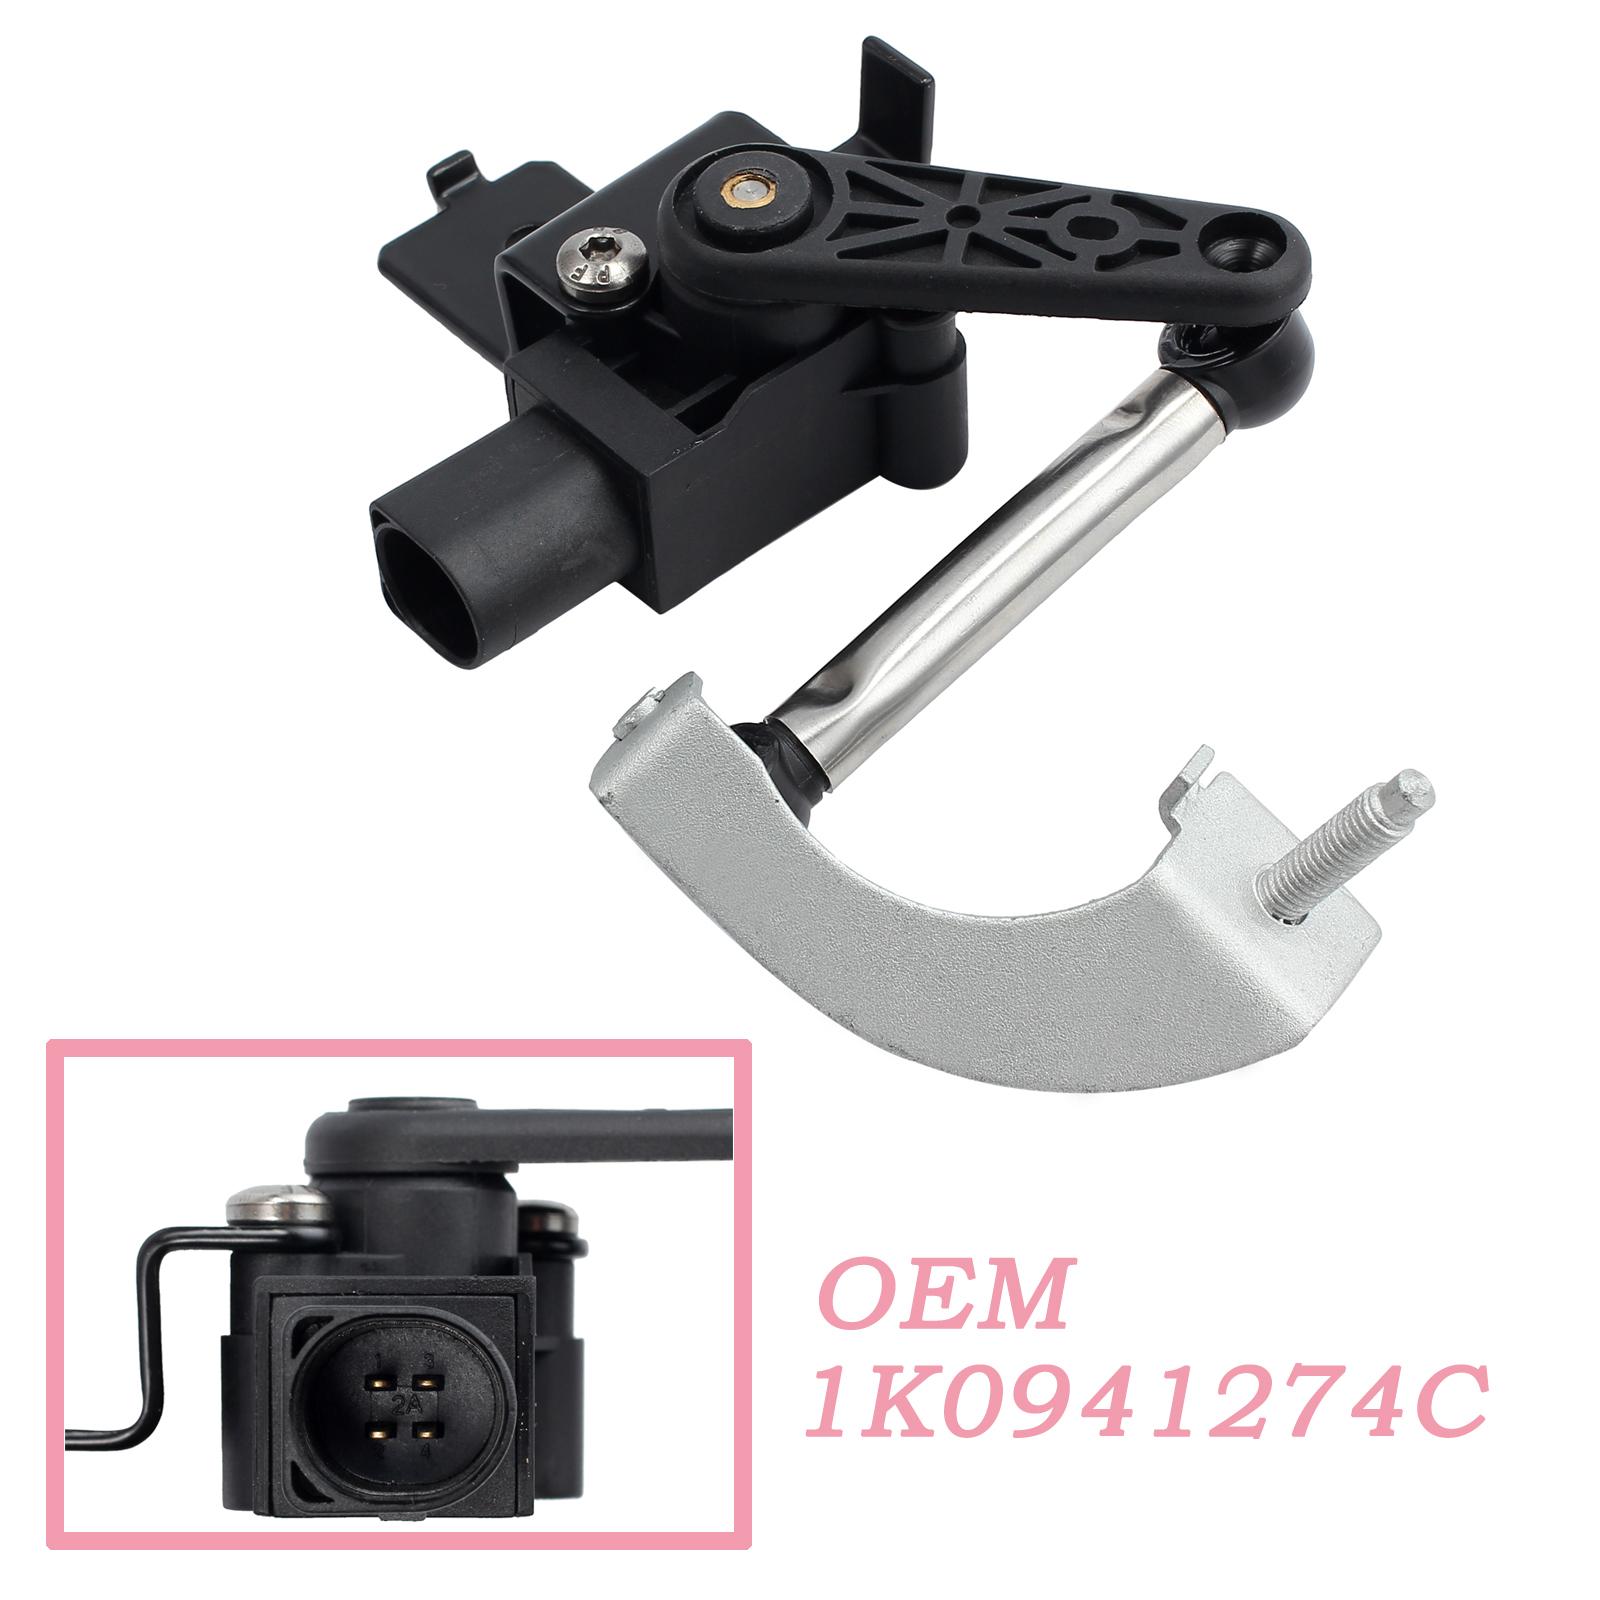 Niveau Sensor Nivellierung Gestänge Xenon Scheinwerfer für AUDI SKODA VW 941274C